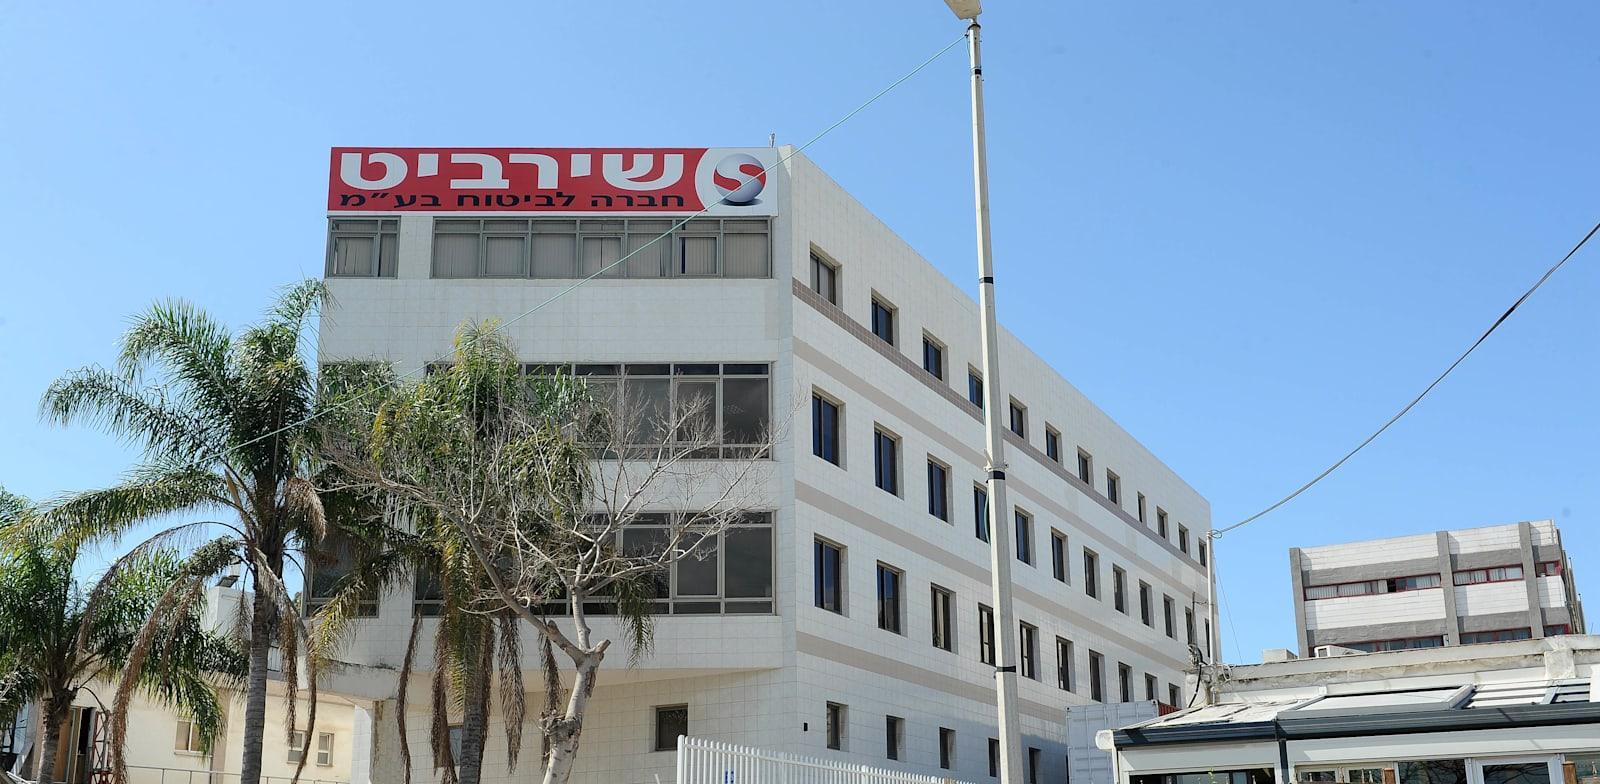 בניין חברת ביטוח שירביט בנתניה / צילום: תמר מצפי